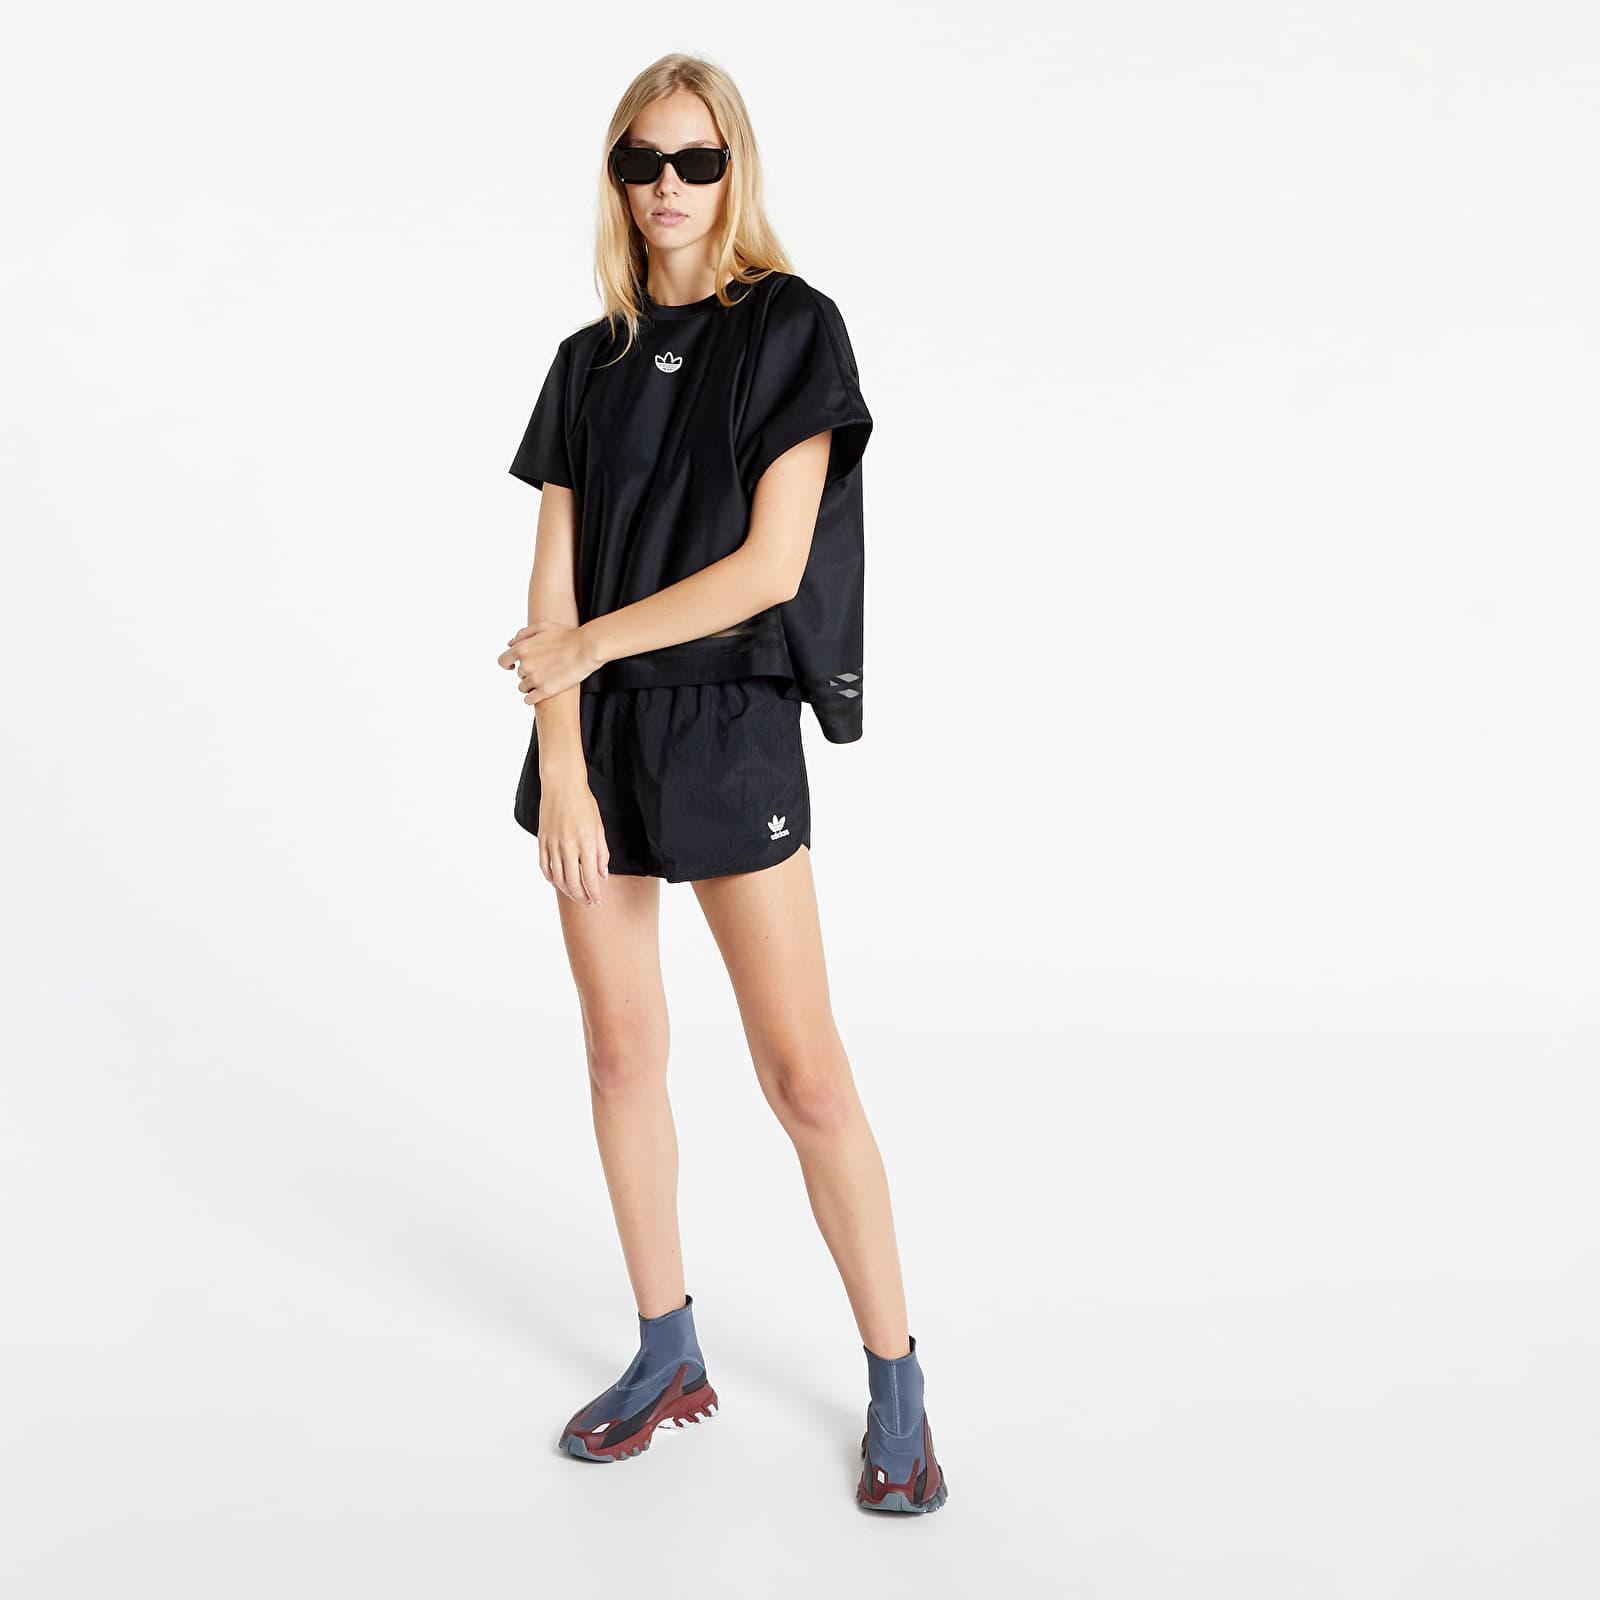 adidas Tee Black S/34